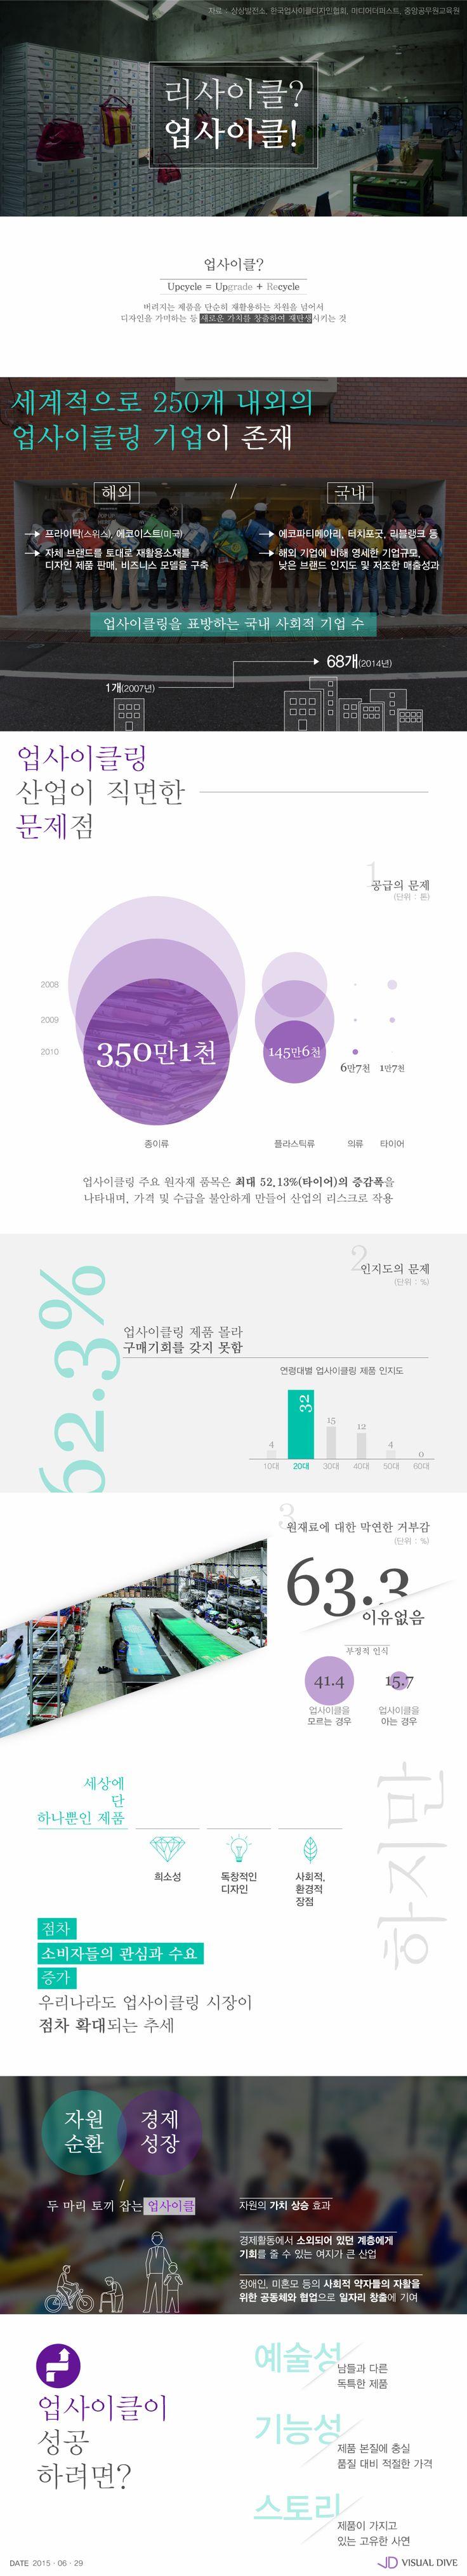 리사이클? 업사이클! [인포그래픽] #Upcycle / #Infographic ⓒ 비주얼다이브 무단 복사·전재·재배포 금지